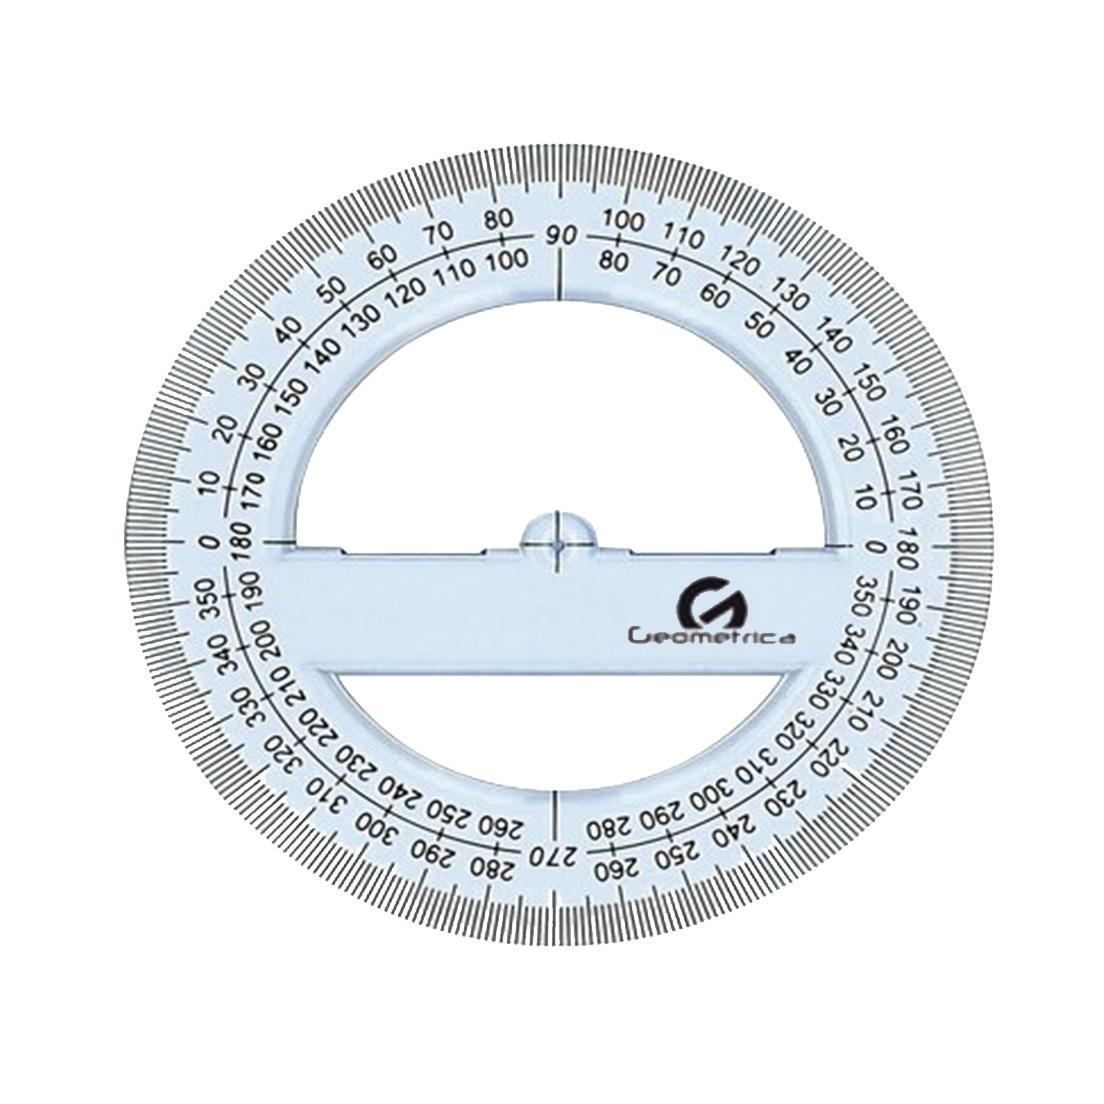 GONIOMETRO 360 GEOMETRICA 20pz